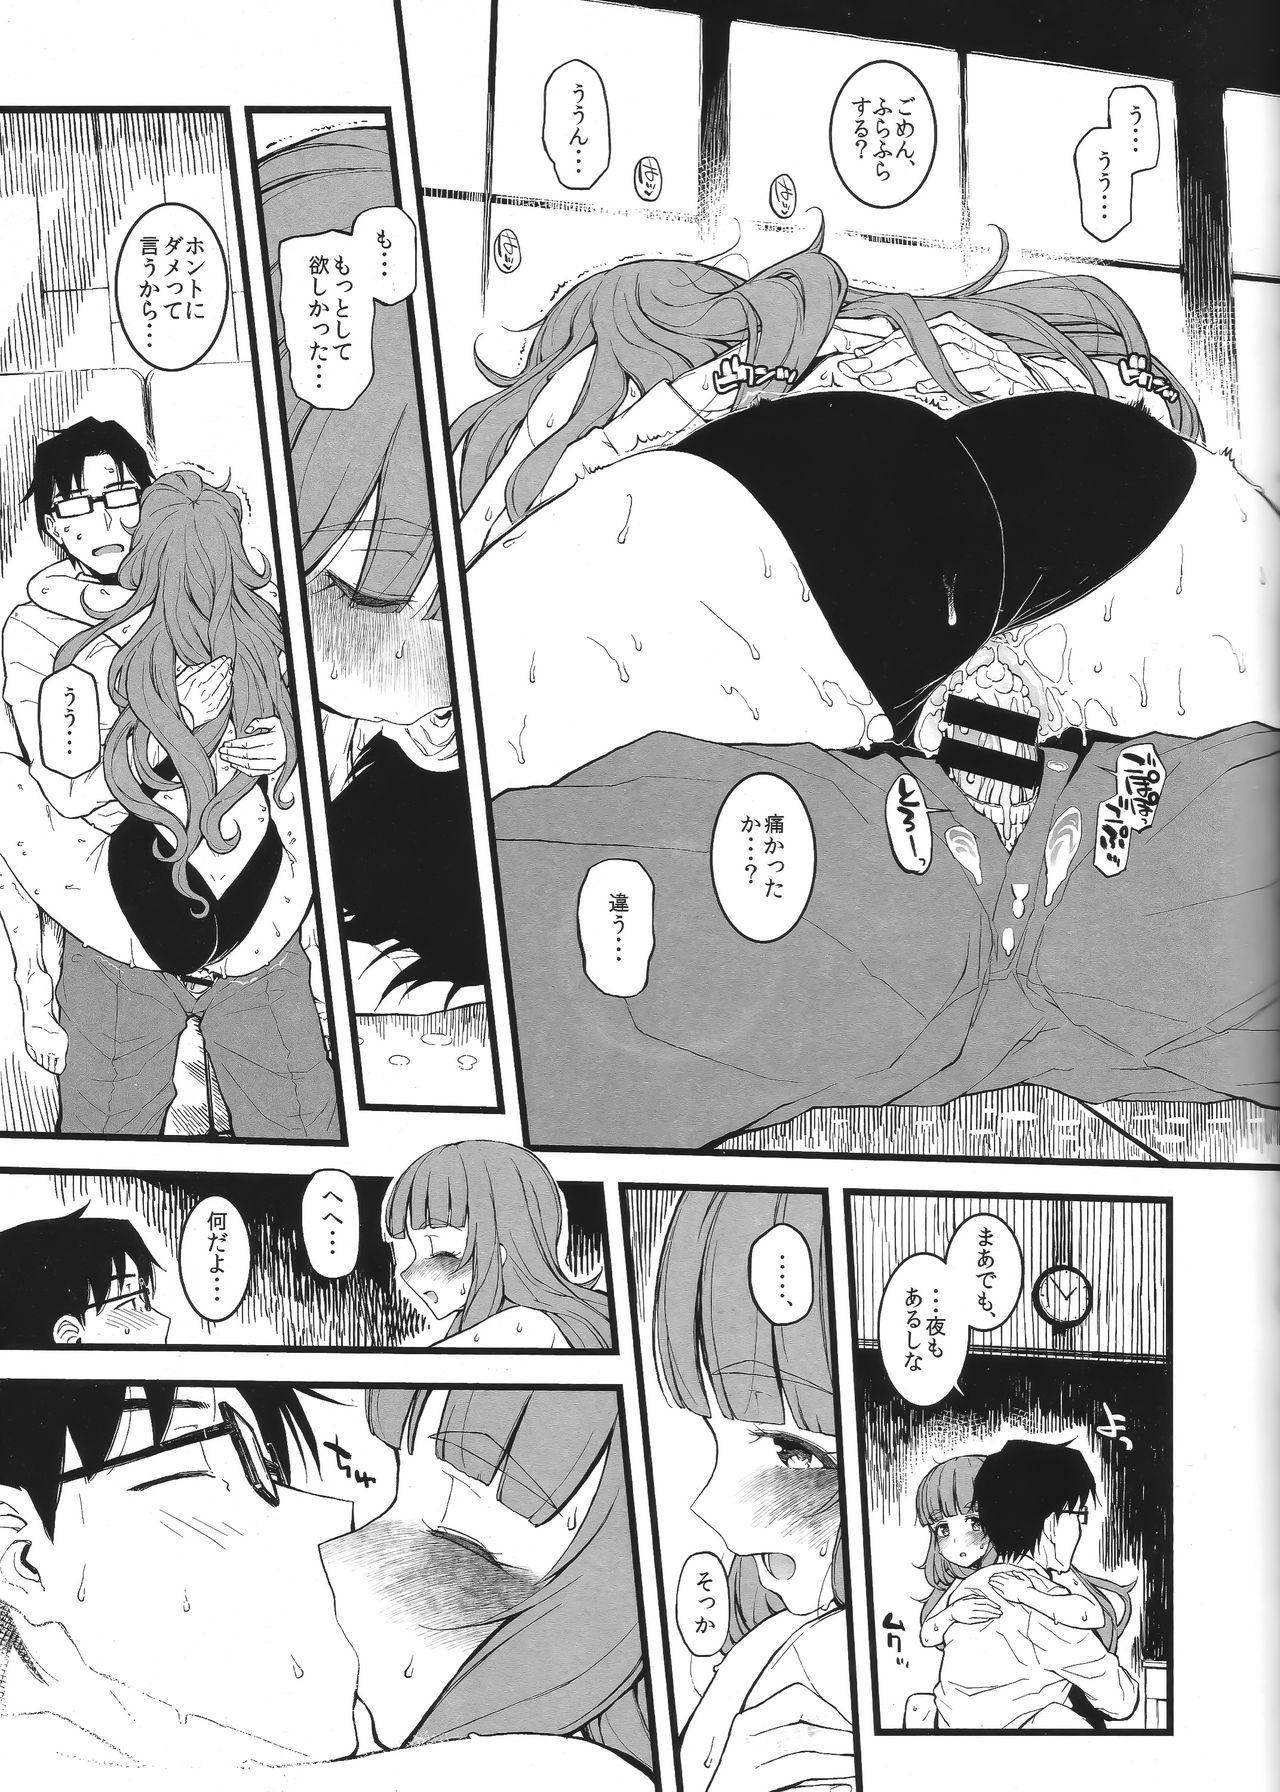 Nao-chan to Asedaku de Shichau Hon 17